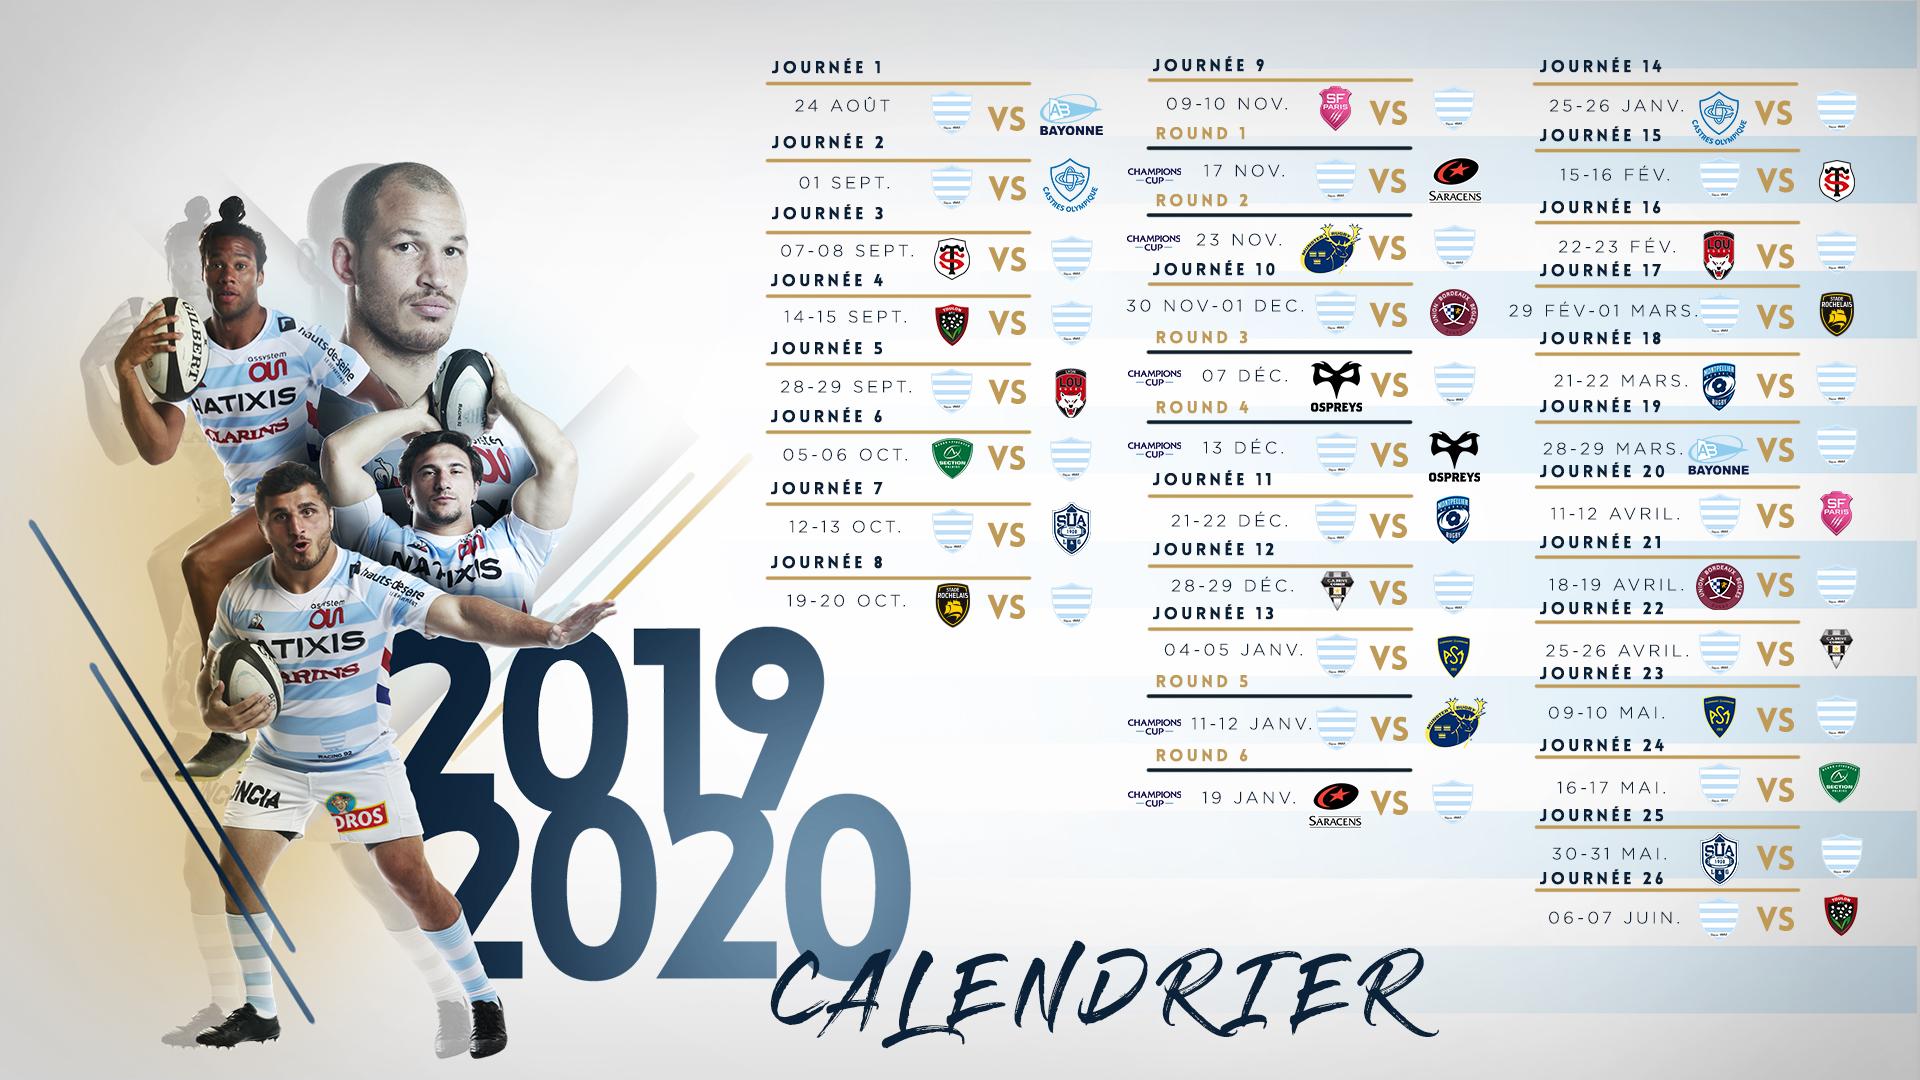 Calendrier Top 14 Saison 2020 2019.Saison 2019 2020 Le Calendrier Complet